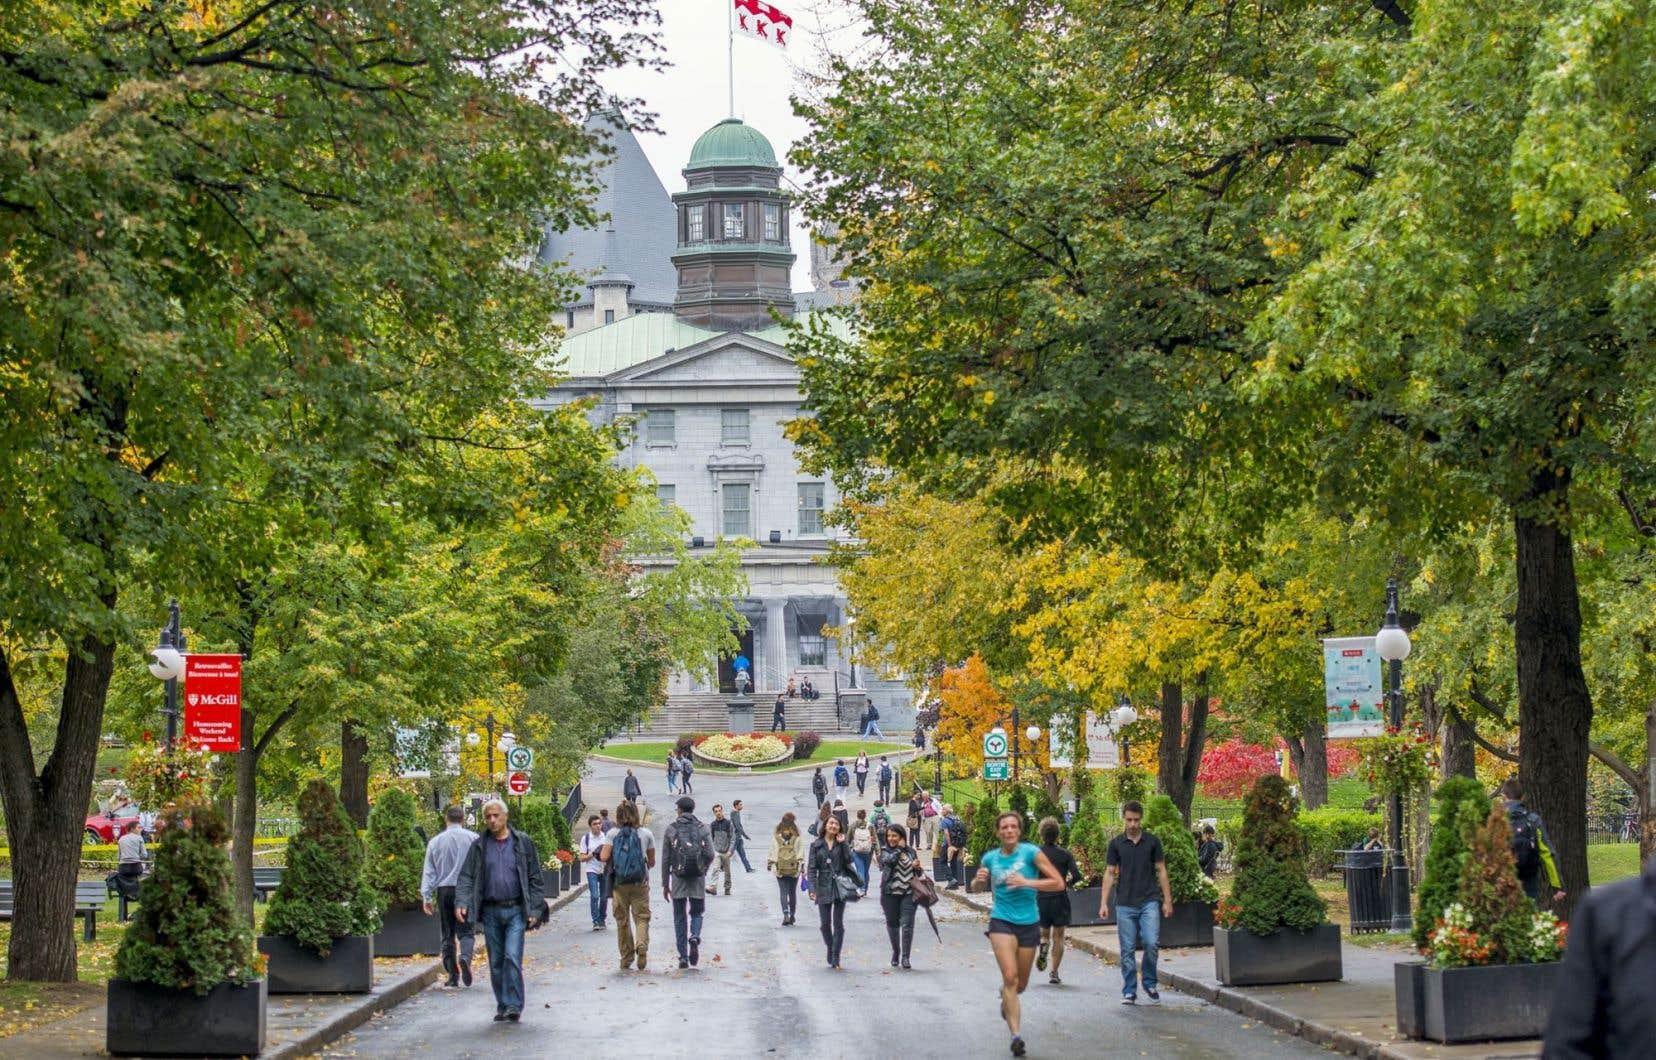 Dans les classes socio-économiques moins favorisées, plusieurs perçoivent les coûts de l'université comme étant plus élevés que les bénéfices, ce qui peut constituer un frein à l'éducation supérieure.